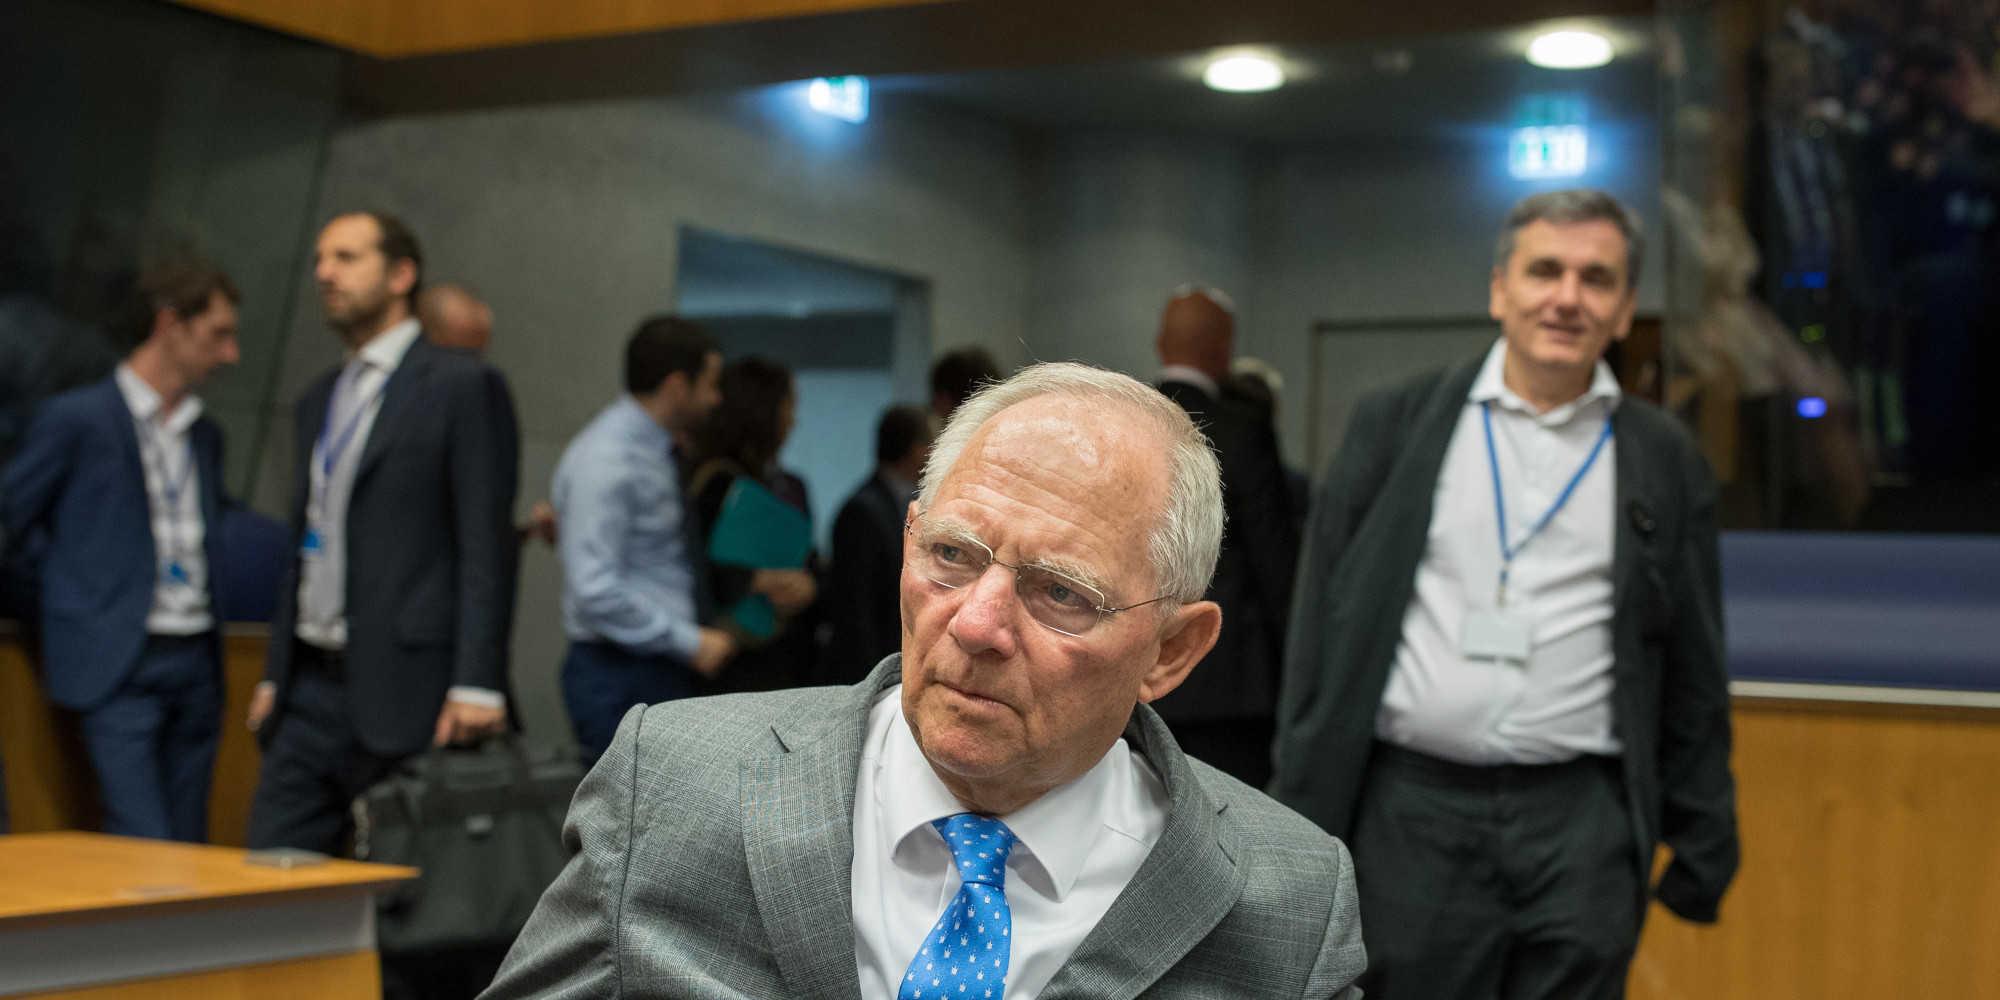 Μετά το Eurogroup. Τι κέρδισε η Ελλάδα, αναλυτικά η συμφωνία και τα οφέλη για την οικονομία. Τα θολά σημεία